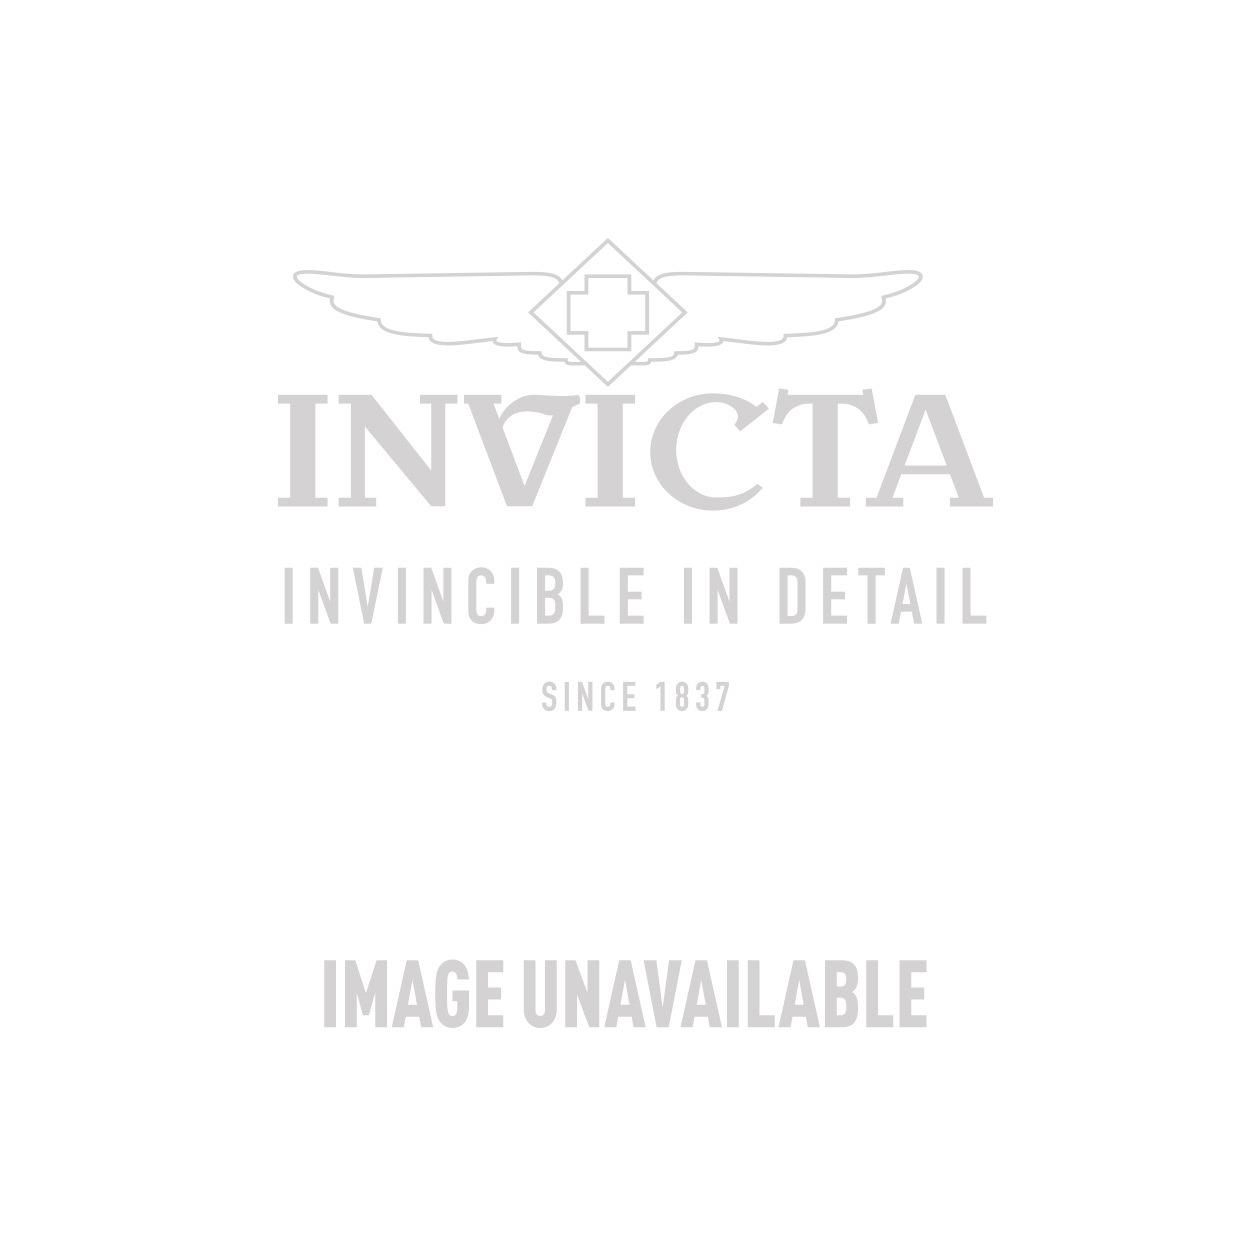 Invicta Model 27217